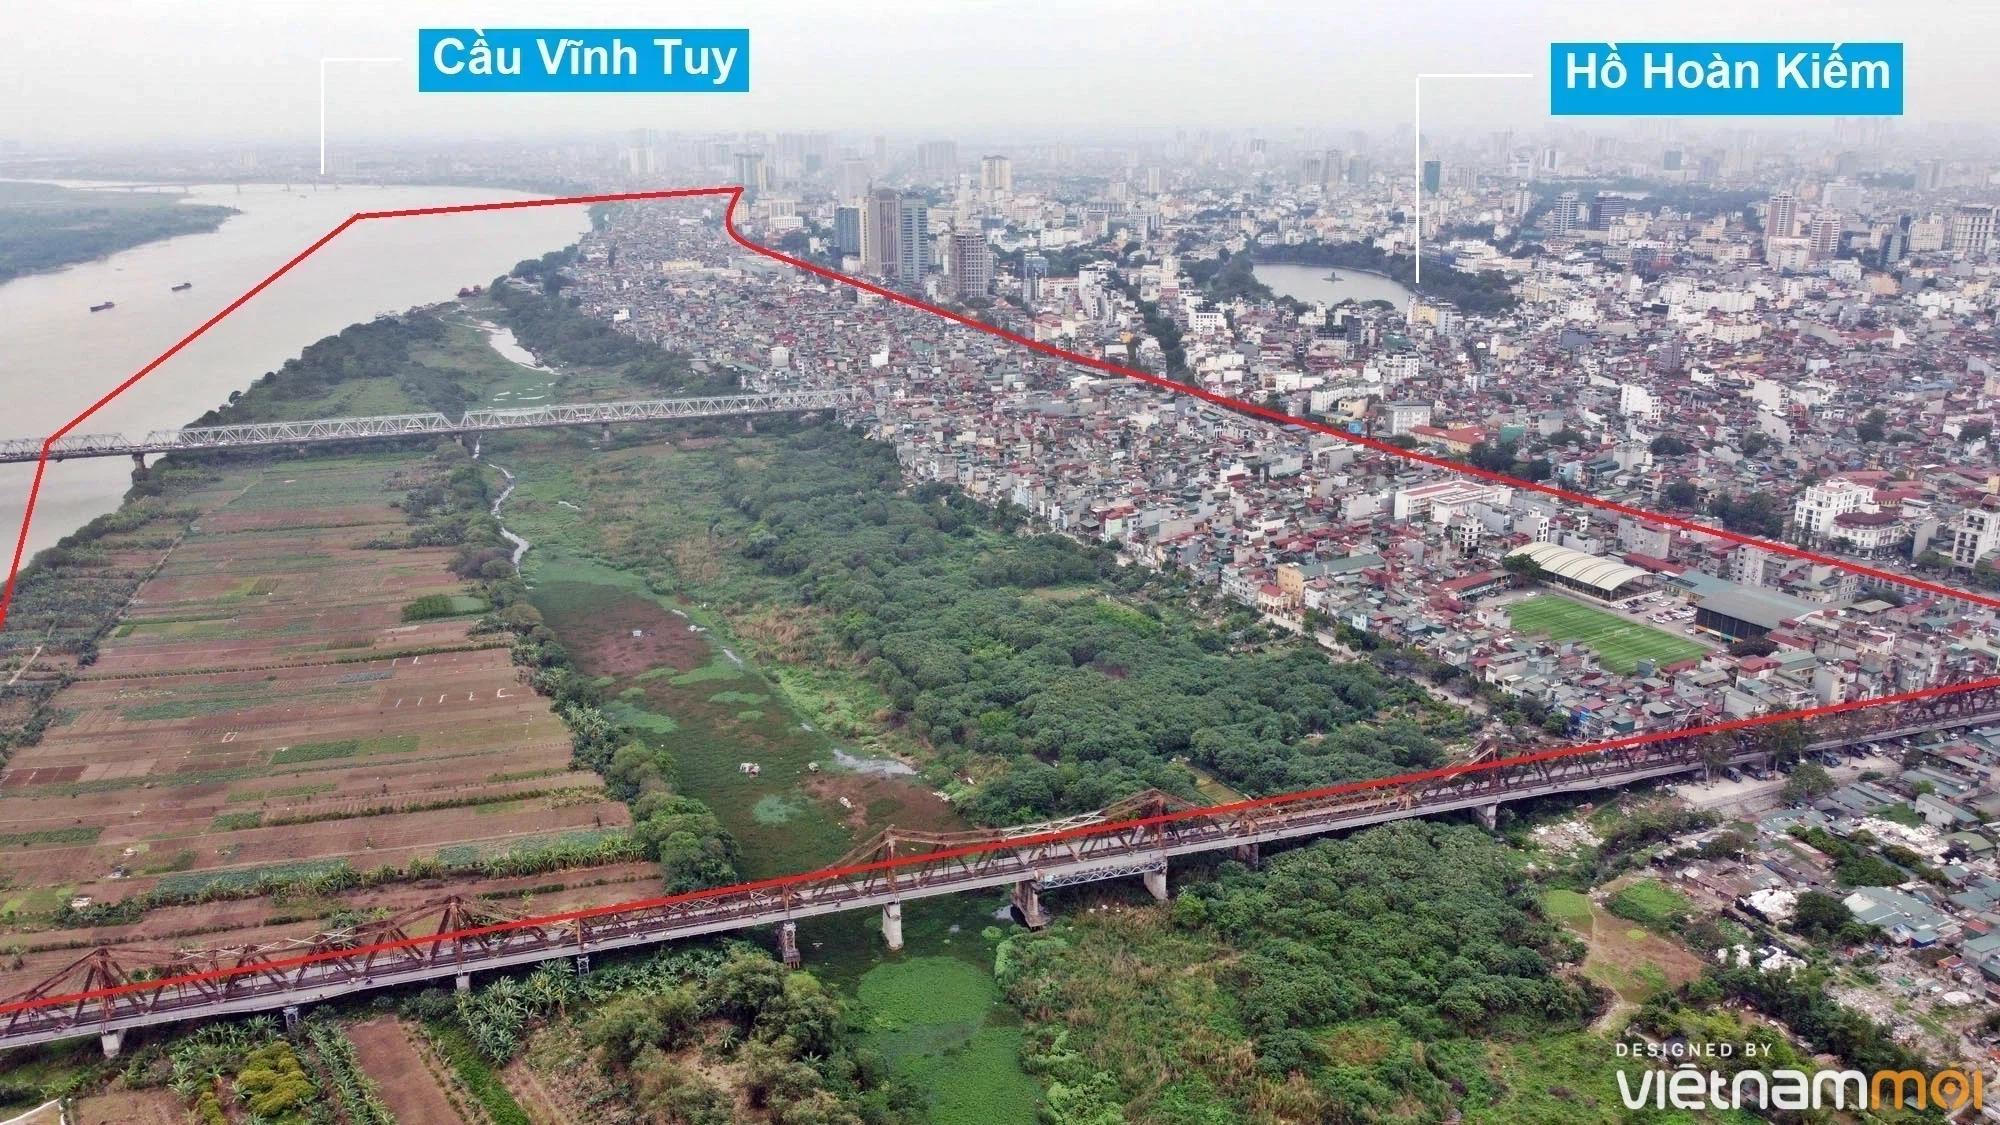 Toàn cảnh hiện trạng Phân khu đô thị sông Hồng trên địa bàn quận Hoàn Kiếm - Ảnh 2.